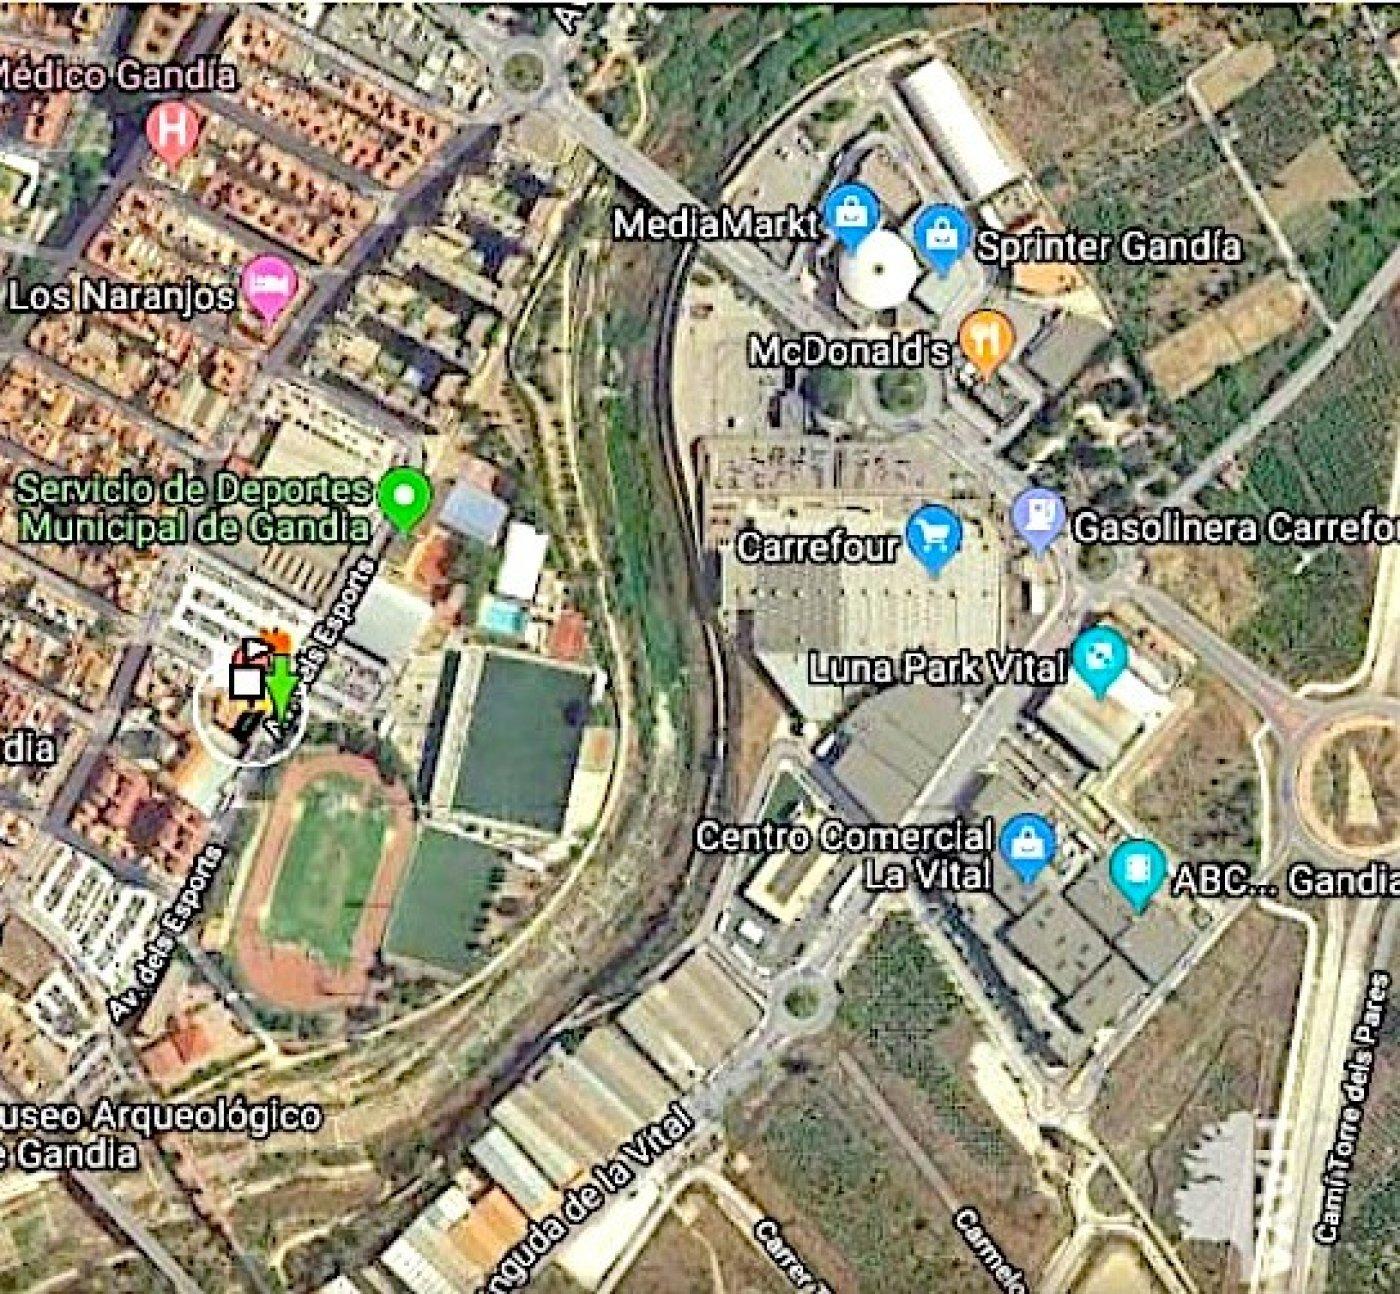 Urbano/solar/parcela en venta en c/ cervantes con edificabilidad para 10 viviendas, gandia - imagenInmueble4